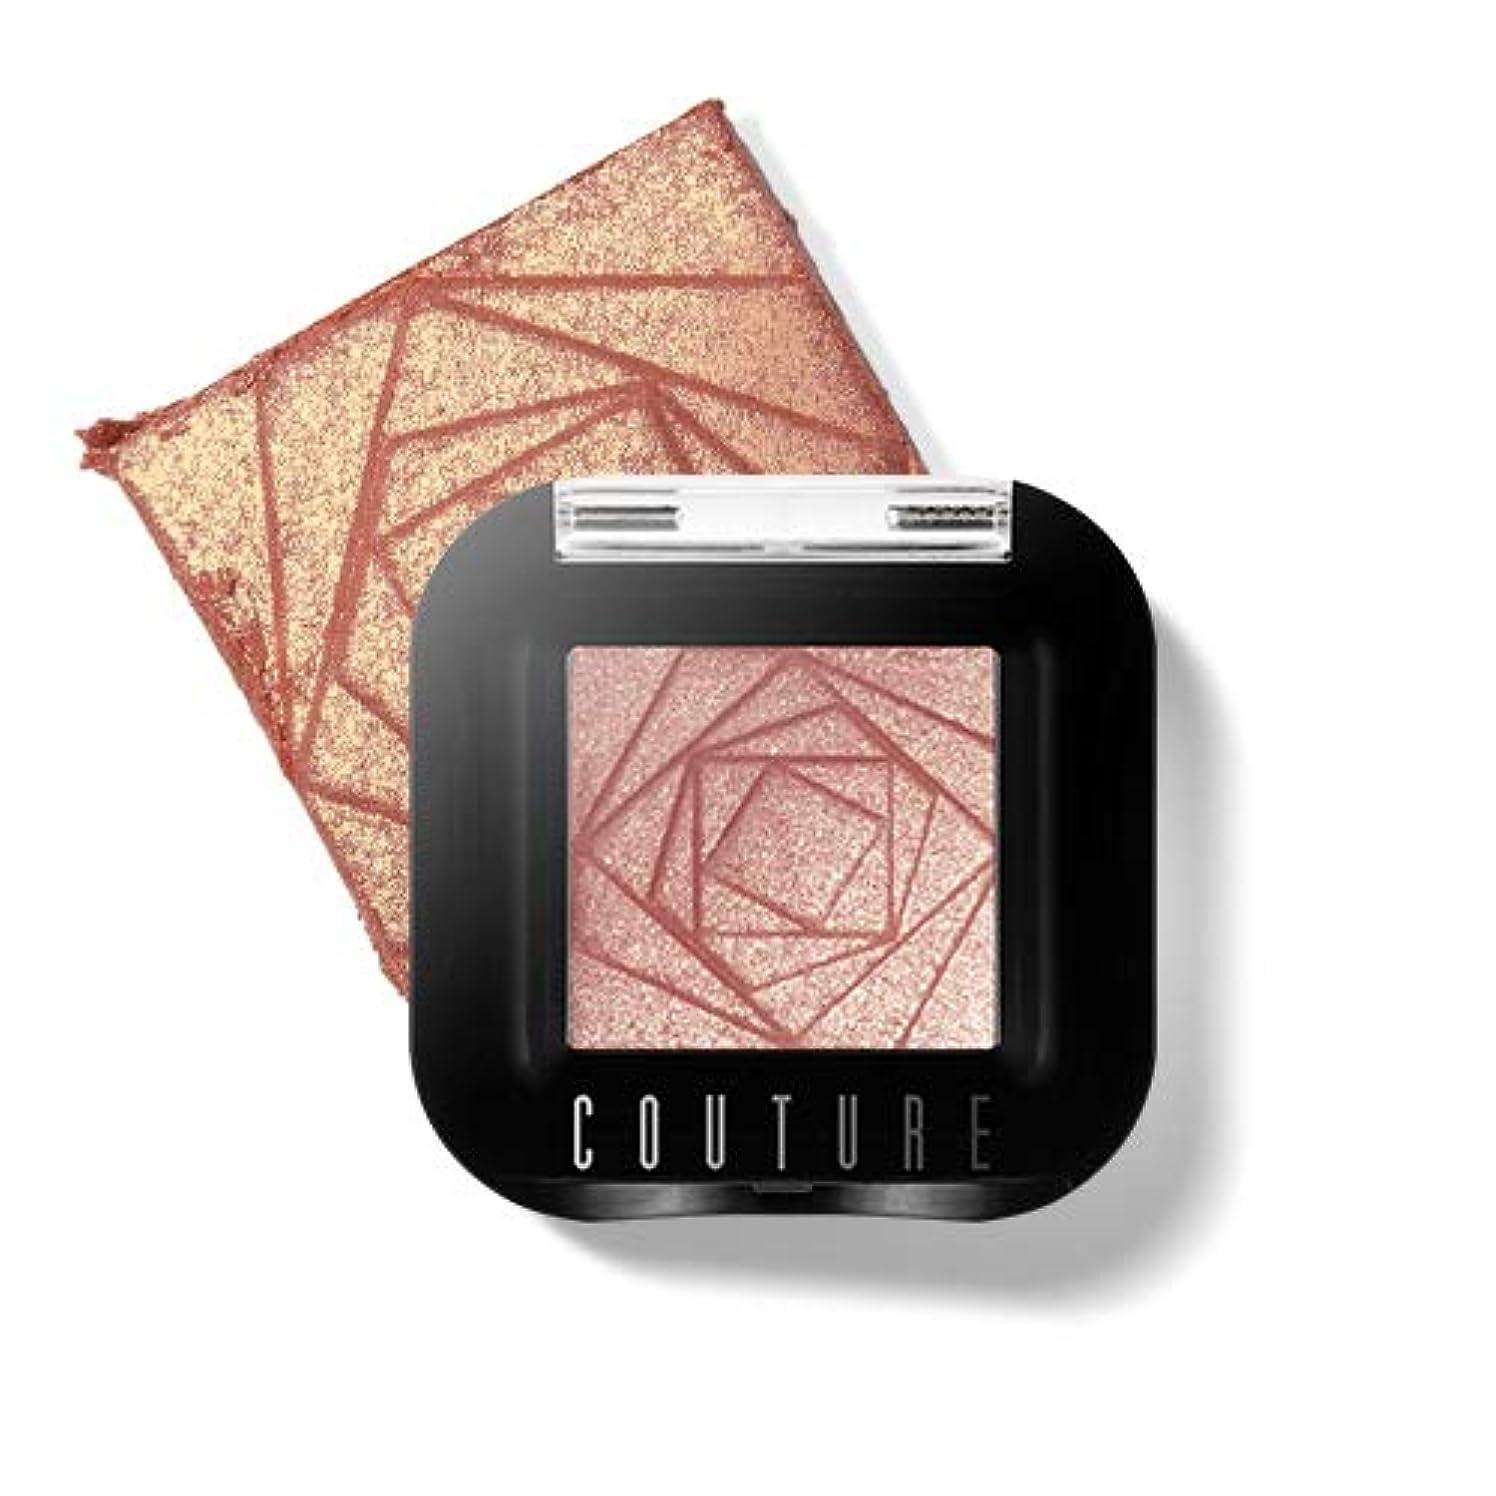 慢性的スタンドコインAPIEU Couture Shadow (# 28) /アピュ/オピュ クチュールシャドウ 1.7g [並行輸入品]